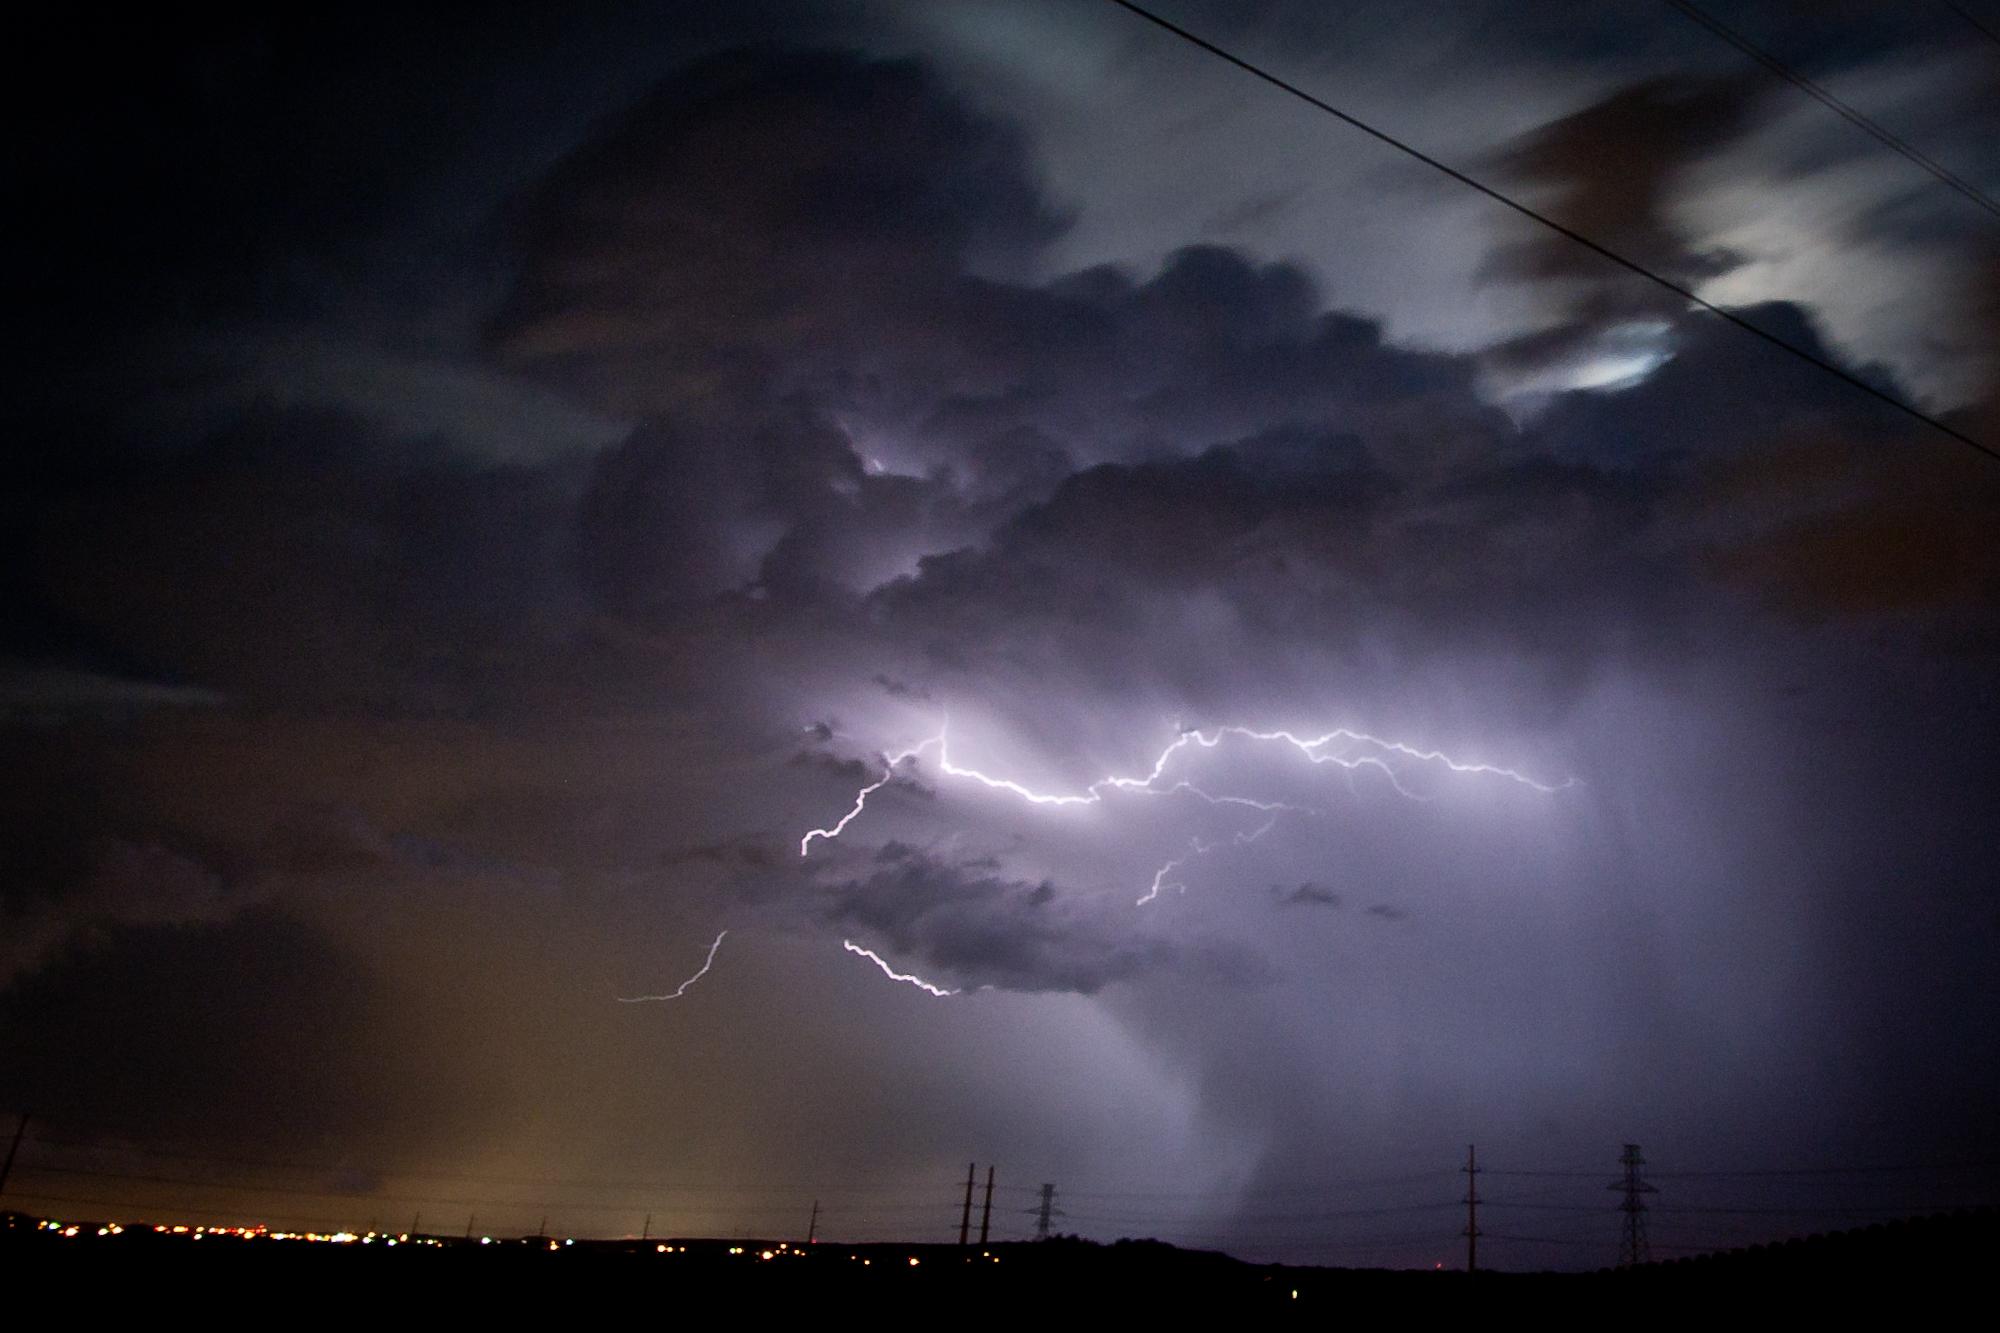 неуправляемой фото неба во время грозы крыму